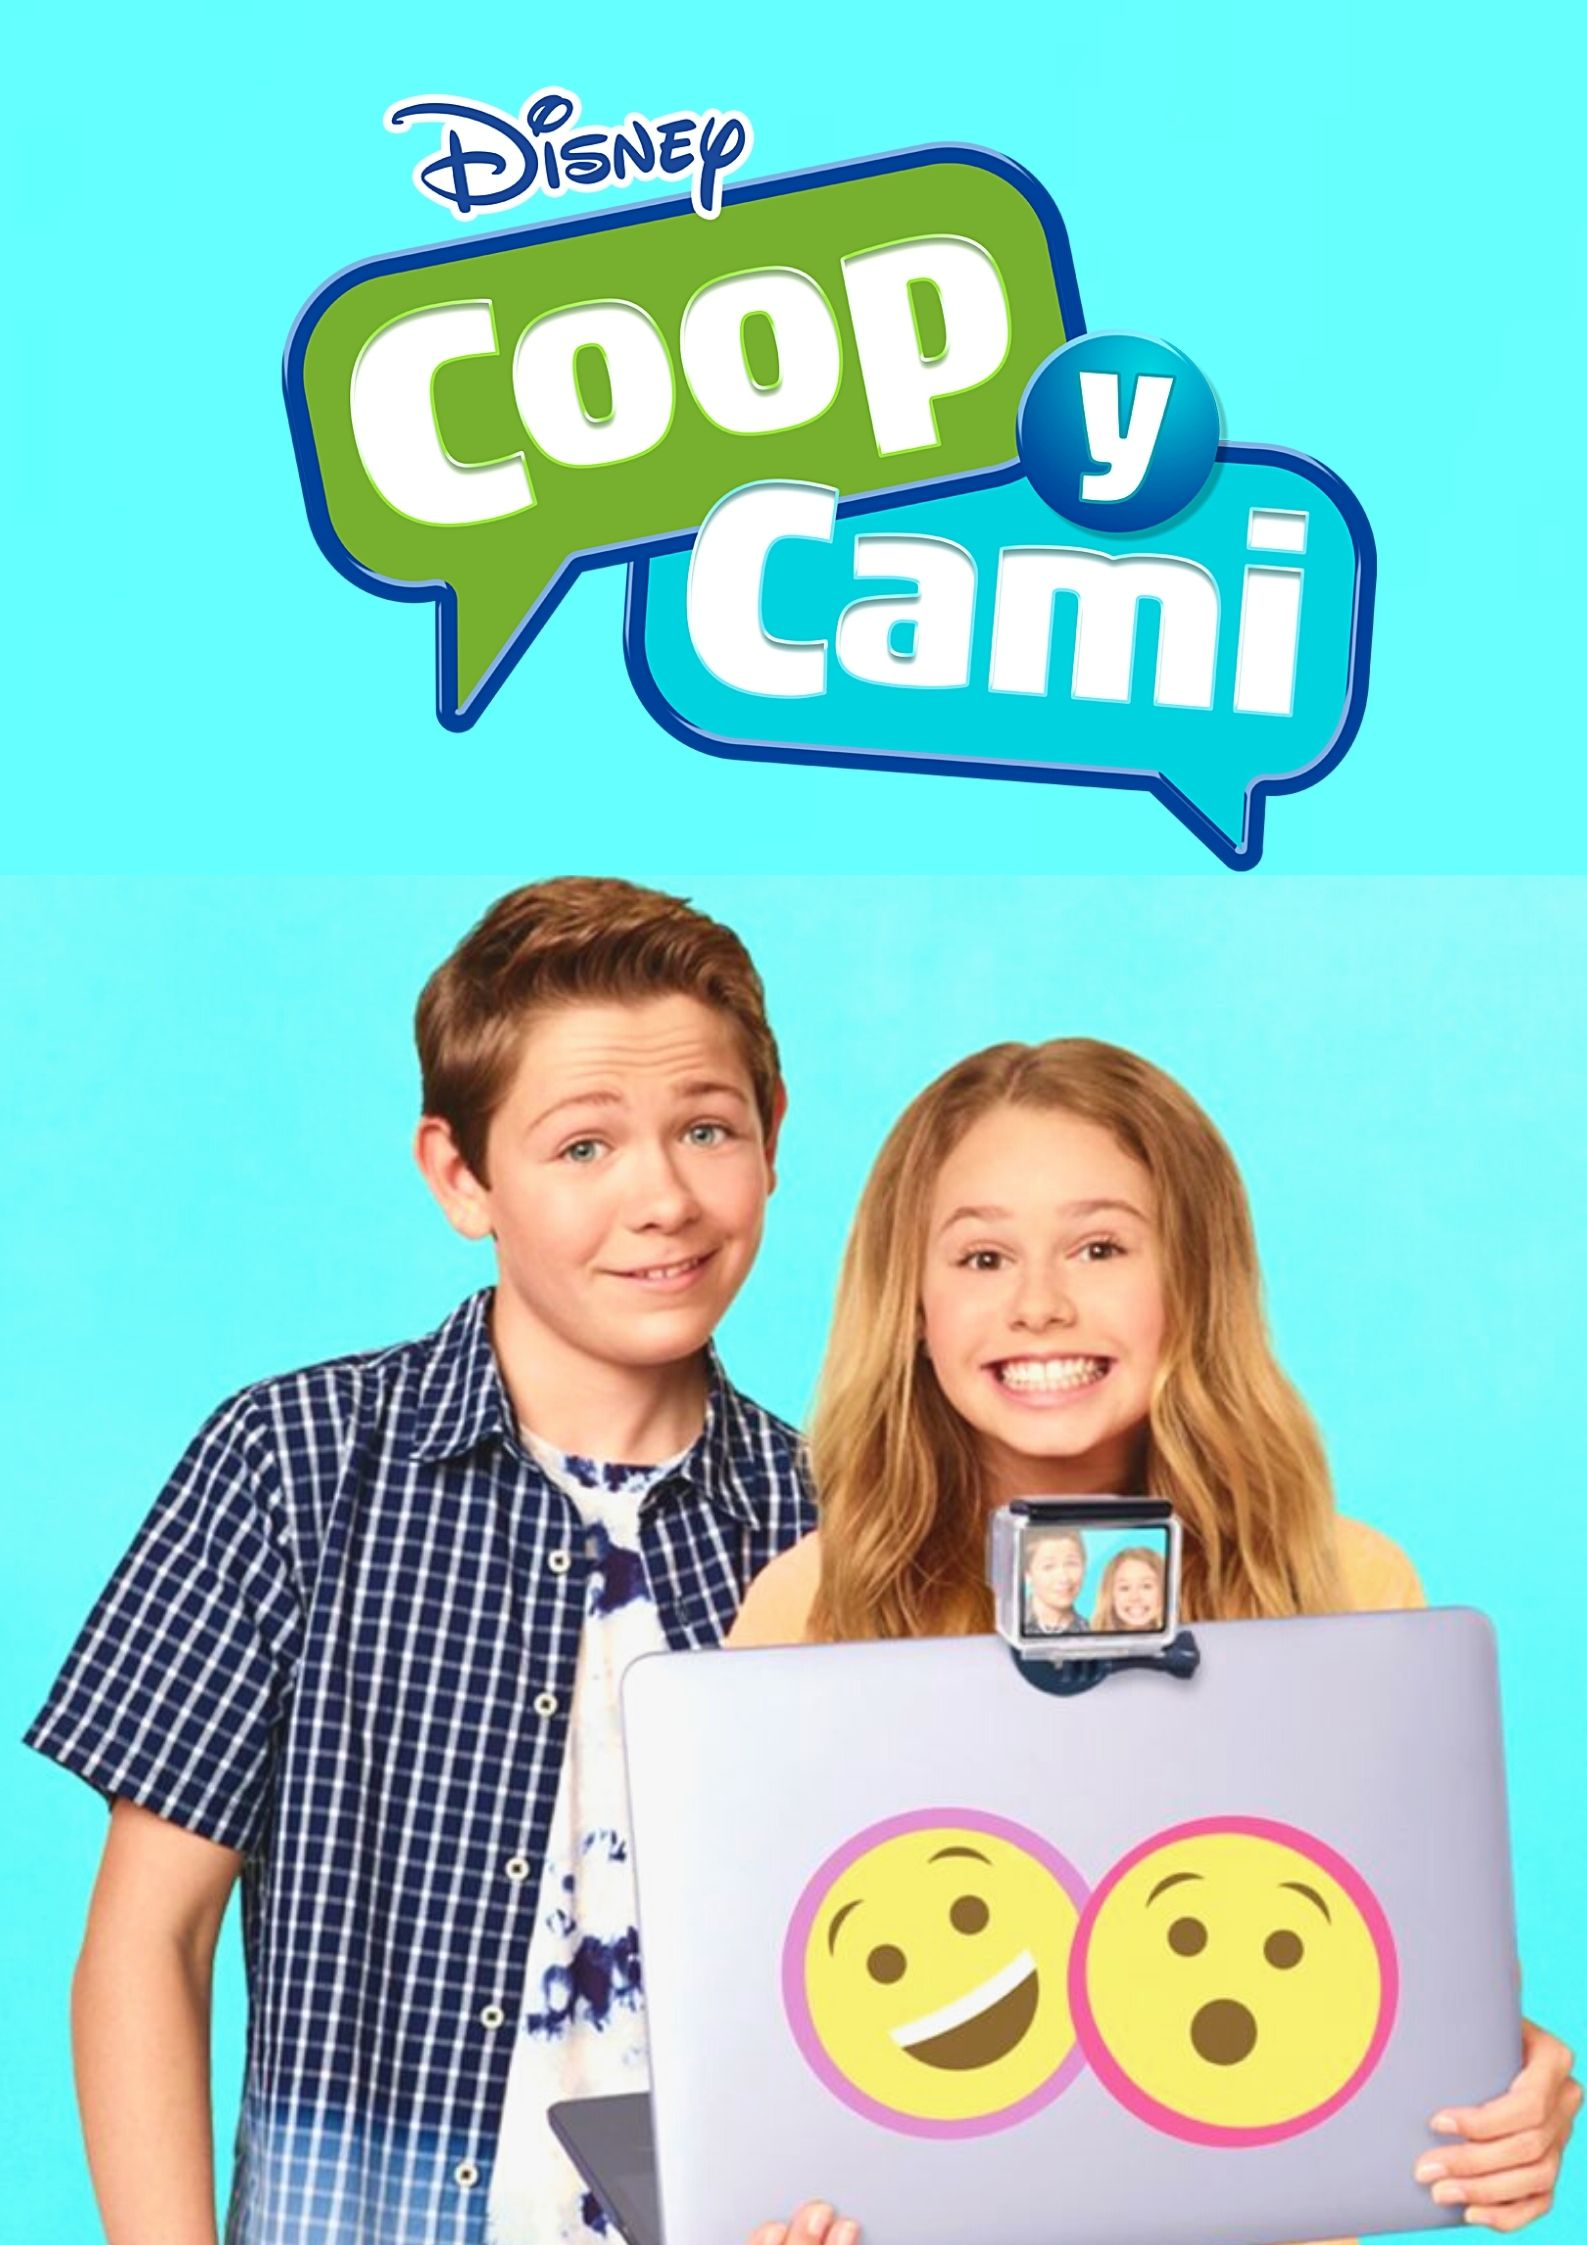 Coop y Cami